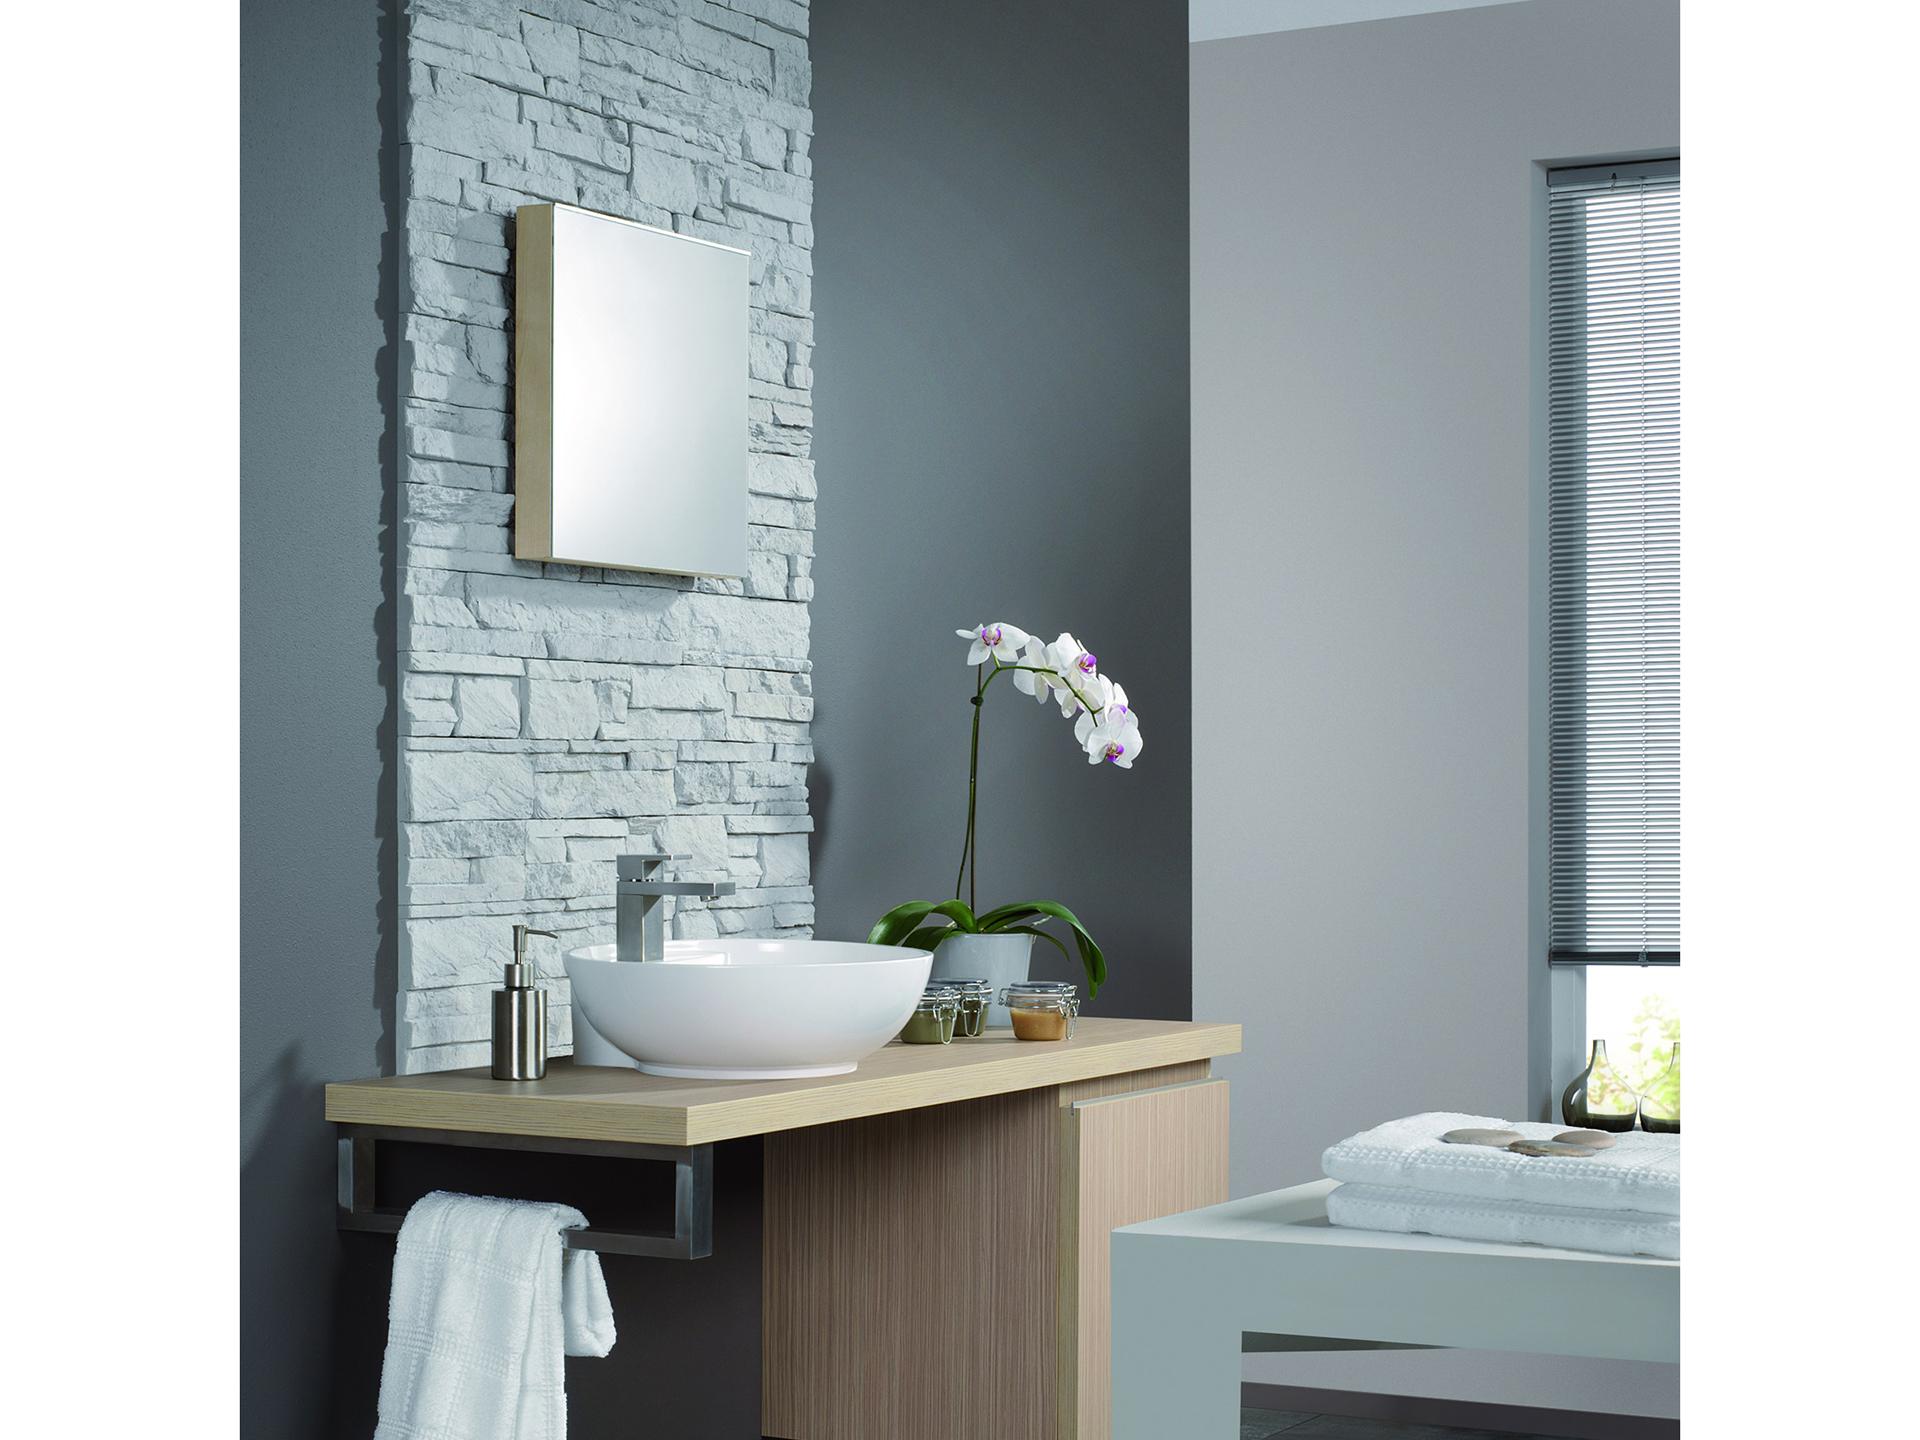 Imitation brique int rieur fashion designs - Imitation de brique interieur ...